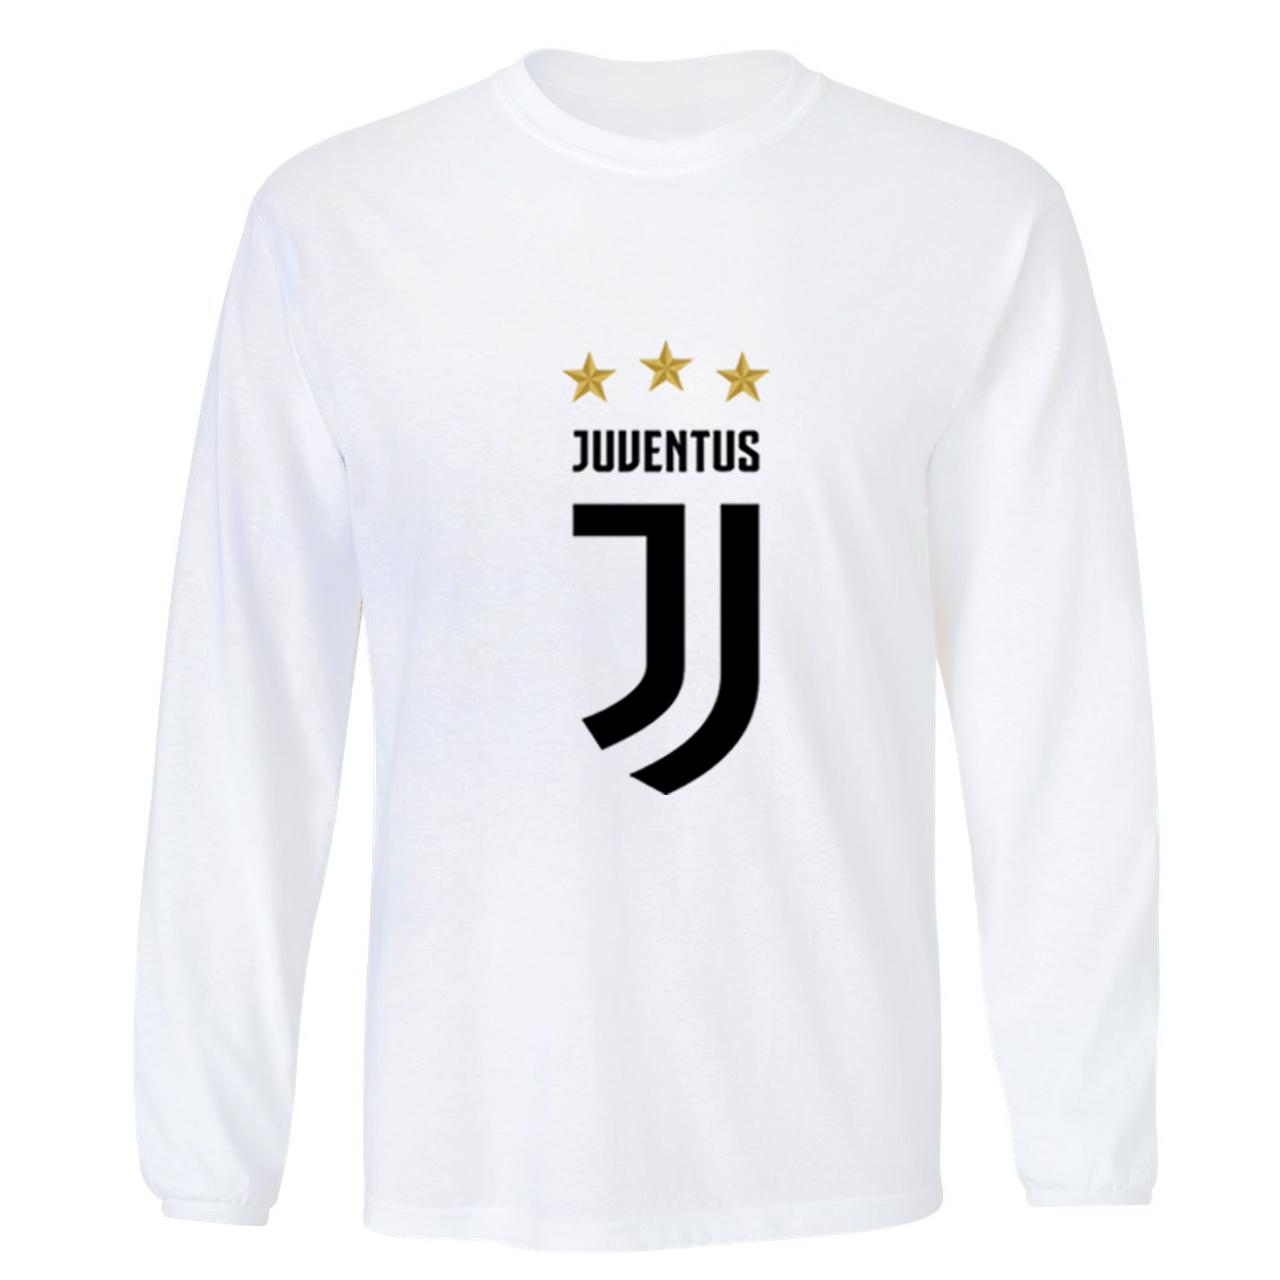 تی شرت آستین بلند ورزشی مردانه طرح لوگو یوونتوس کد juventus Clubs Logo 001M تیشرت